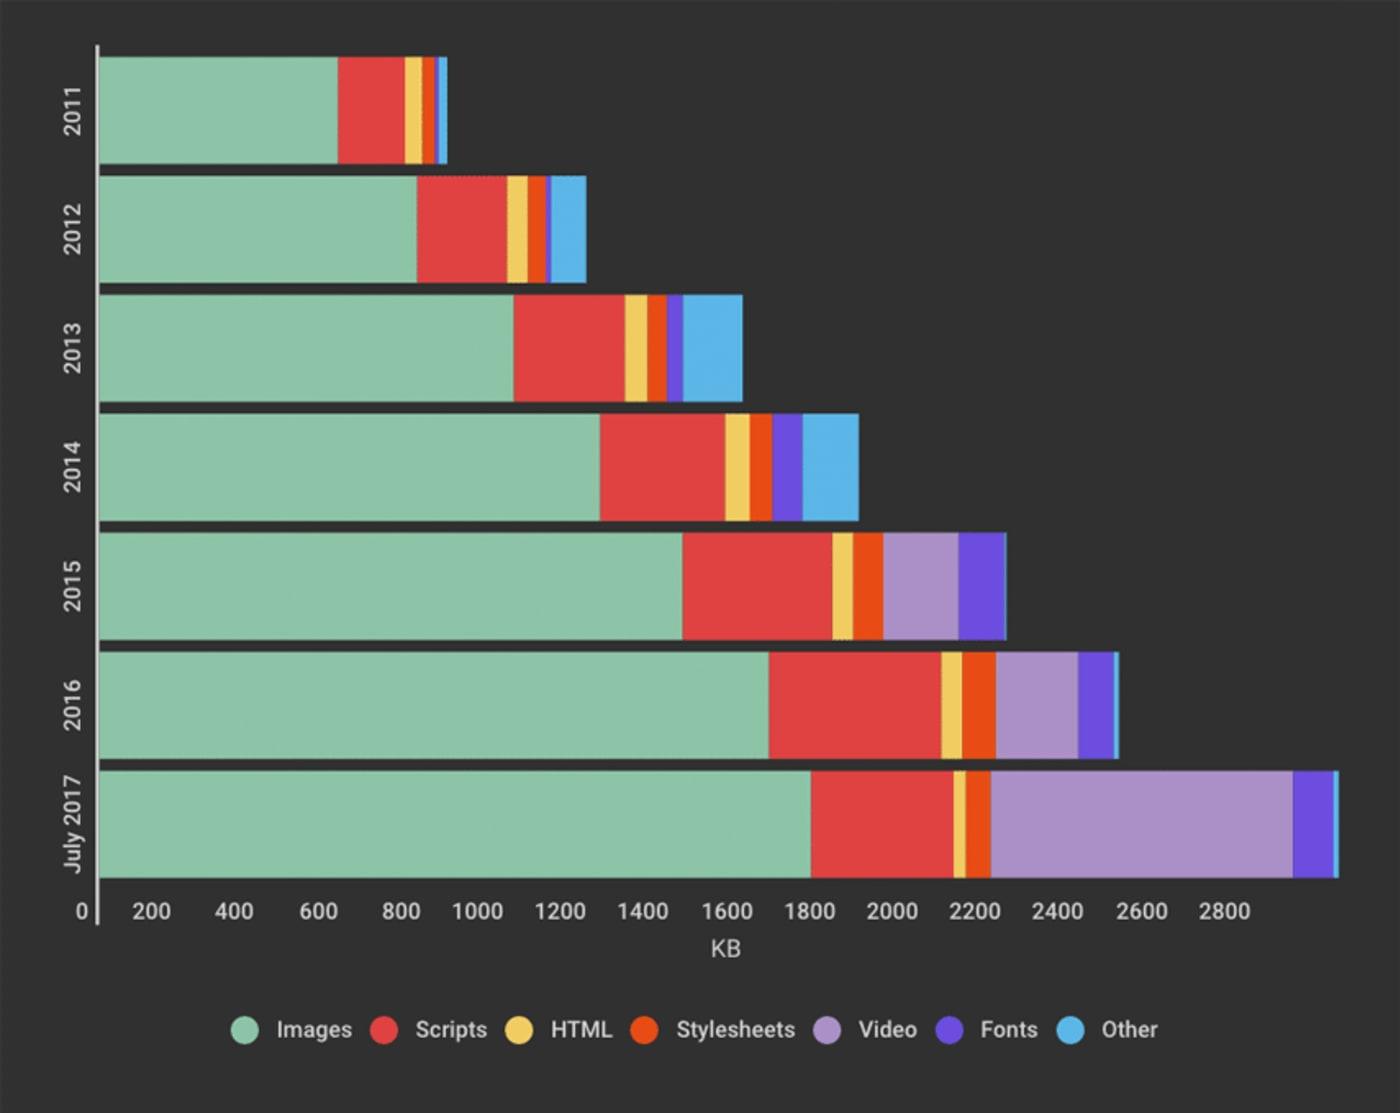 時間経過に伴う平均的なWebサイトのサイズ